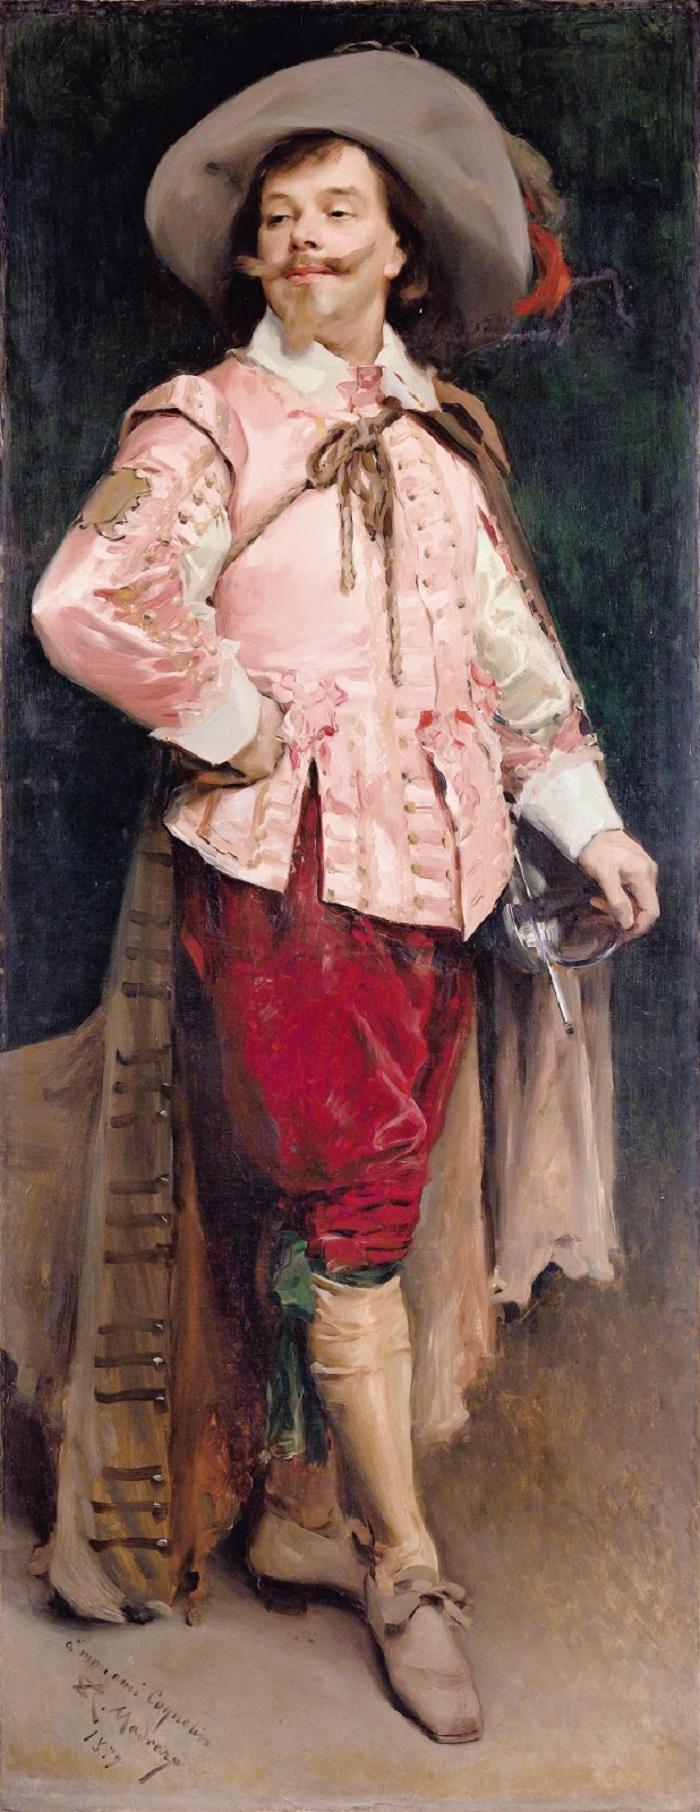 1895_Constant Coquelin l'aine (1841-1909) as Don Cesar de Bazan (Victor Hugo, Ruy Blas)_201 _ 78__.,_.________ ________.jpg